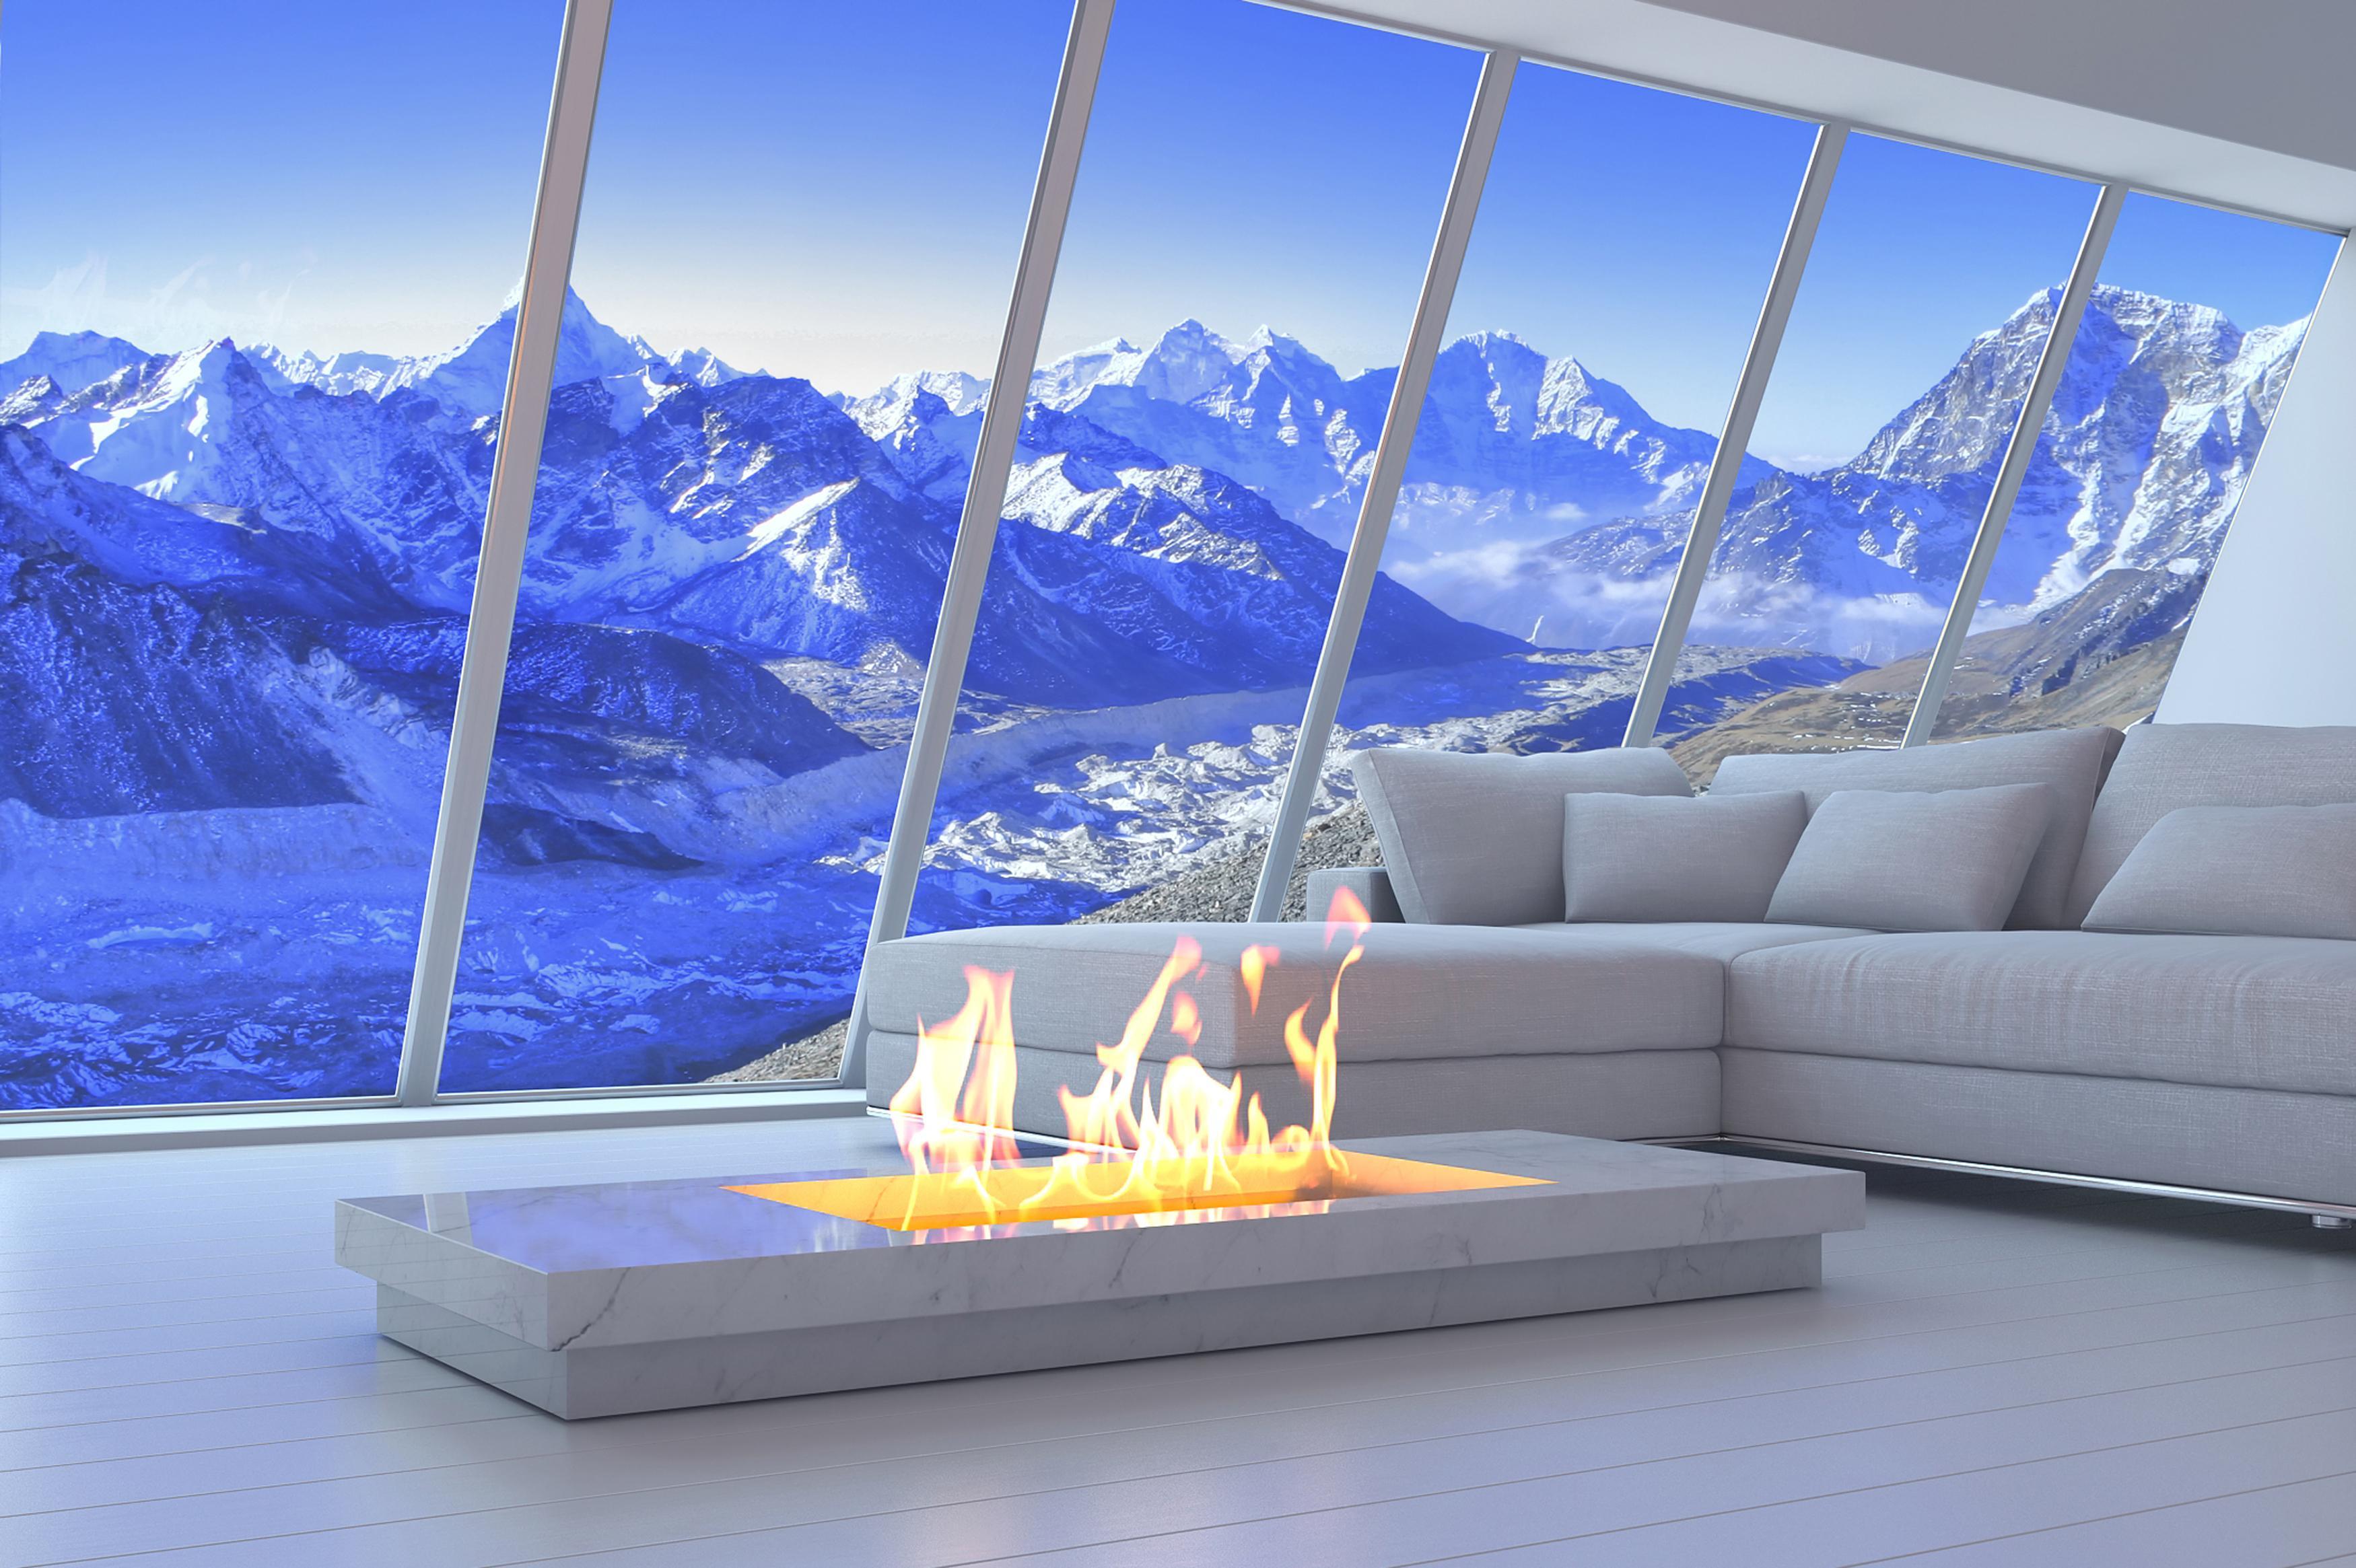 Les coefficients thermiques des fenêtres